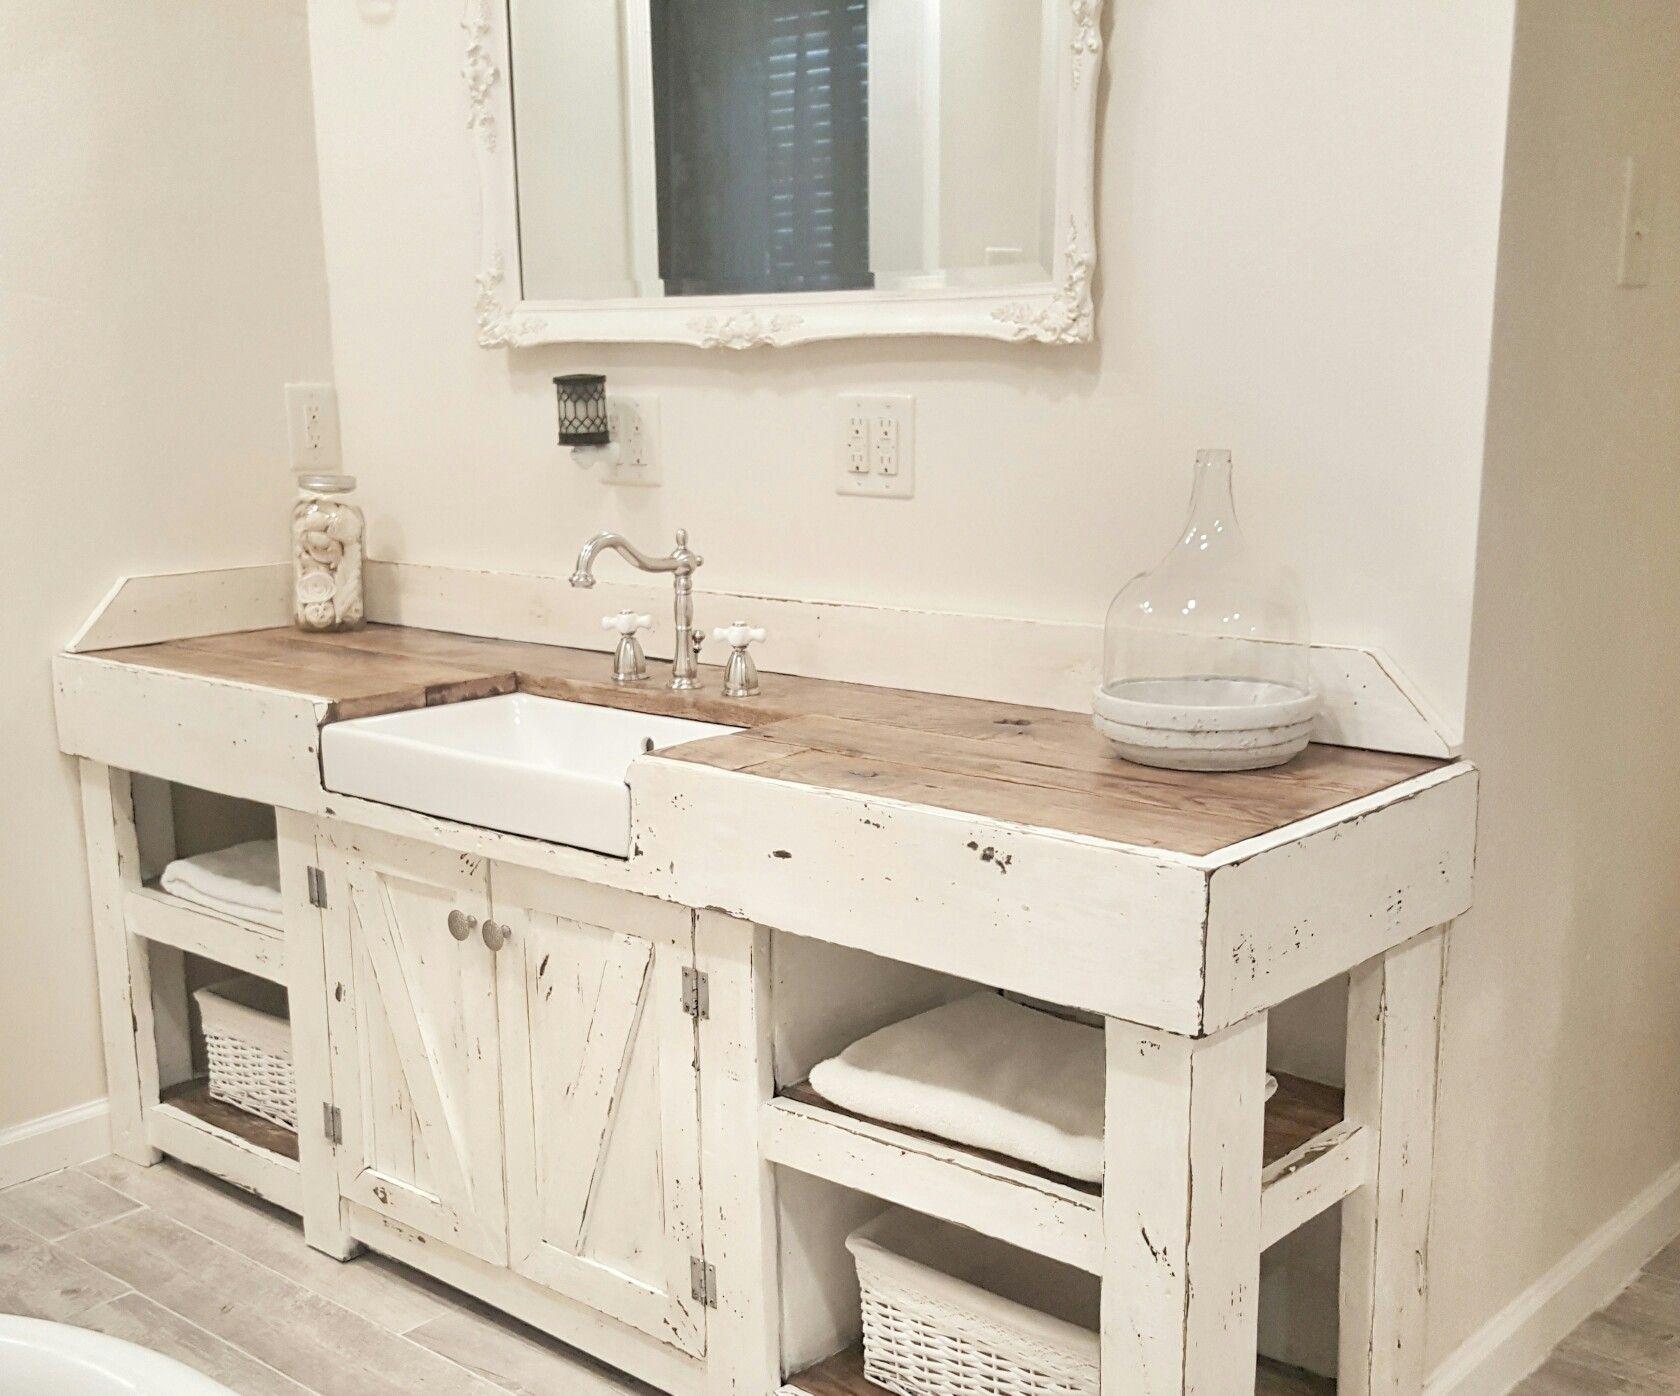 Cottage Bathroom Farmhouse Bathroom Farmhouse Vanity Farmhouse Sink